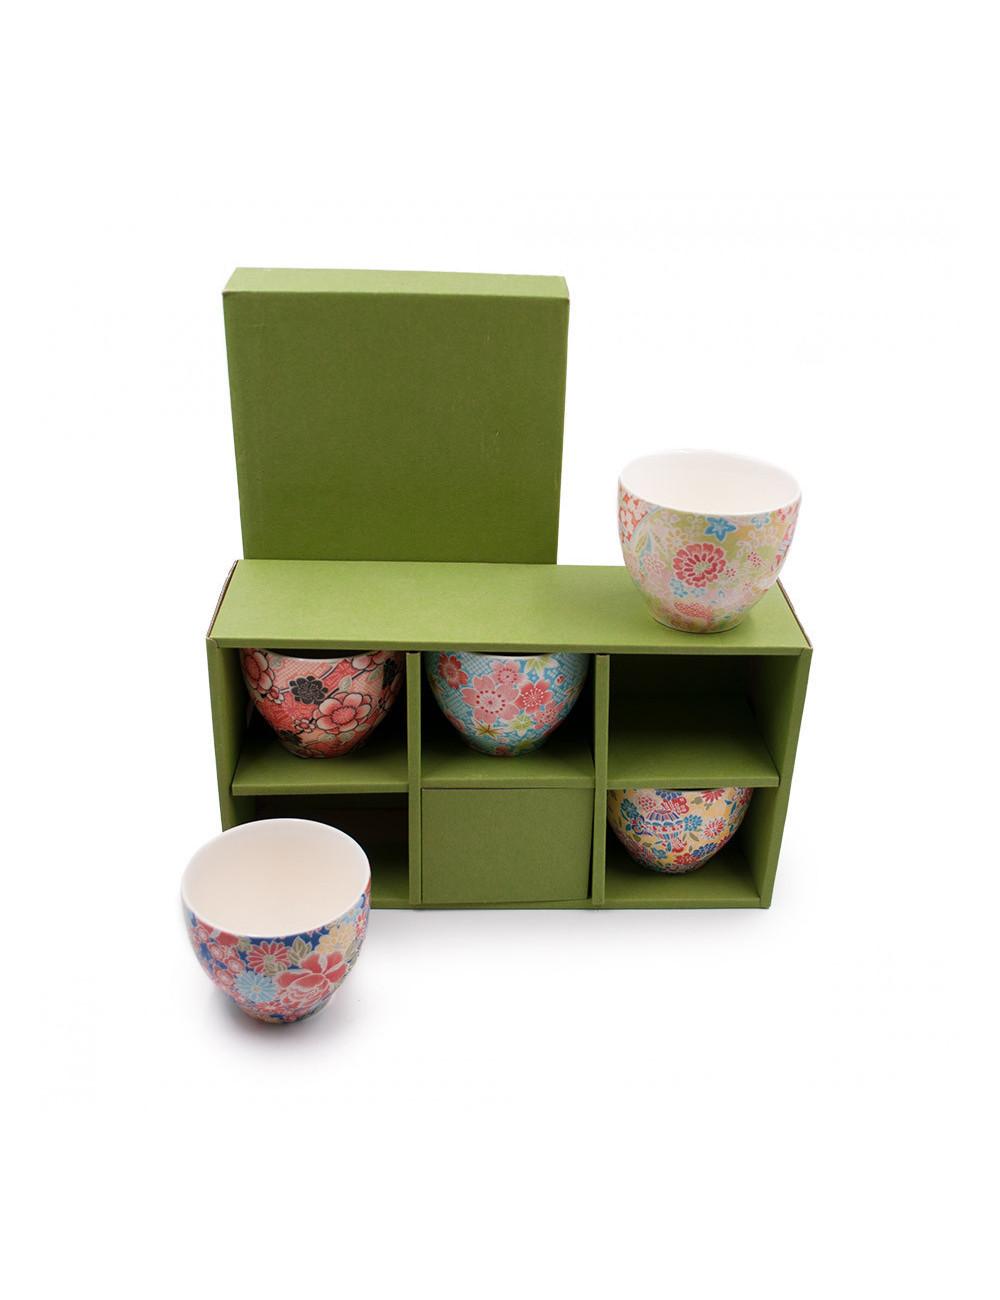 Set 5 ciotole da tè Japan di porcellana giapponesedecorate condiversi motivi floreali colorati- La Pianta del Tè Store